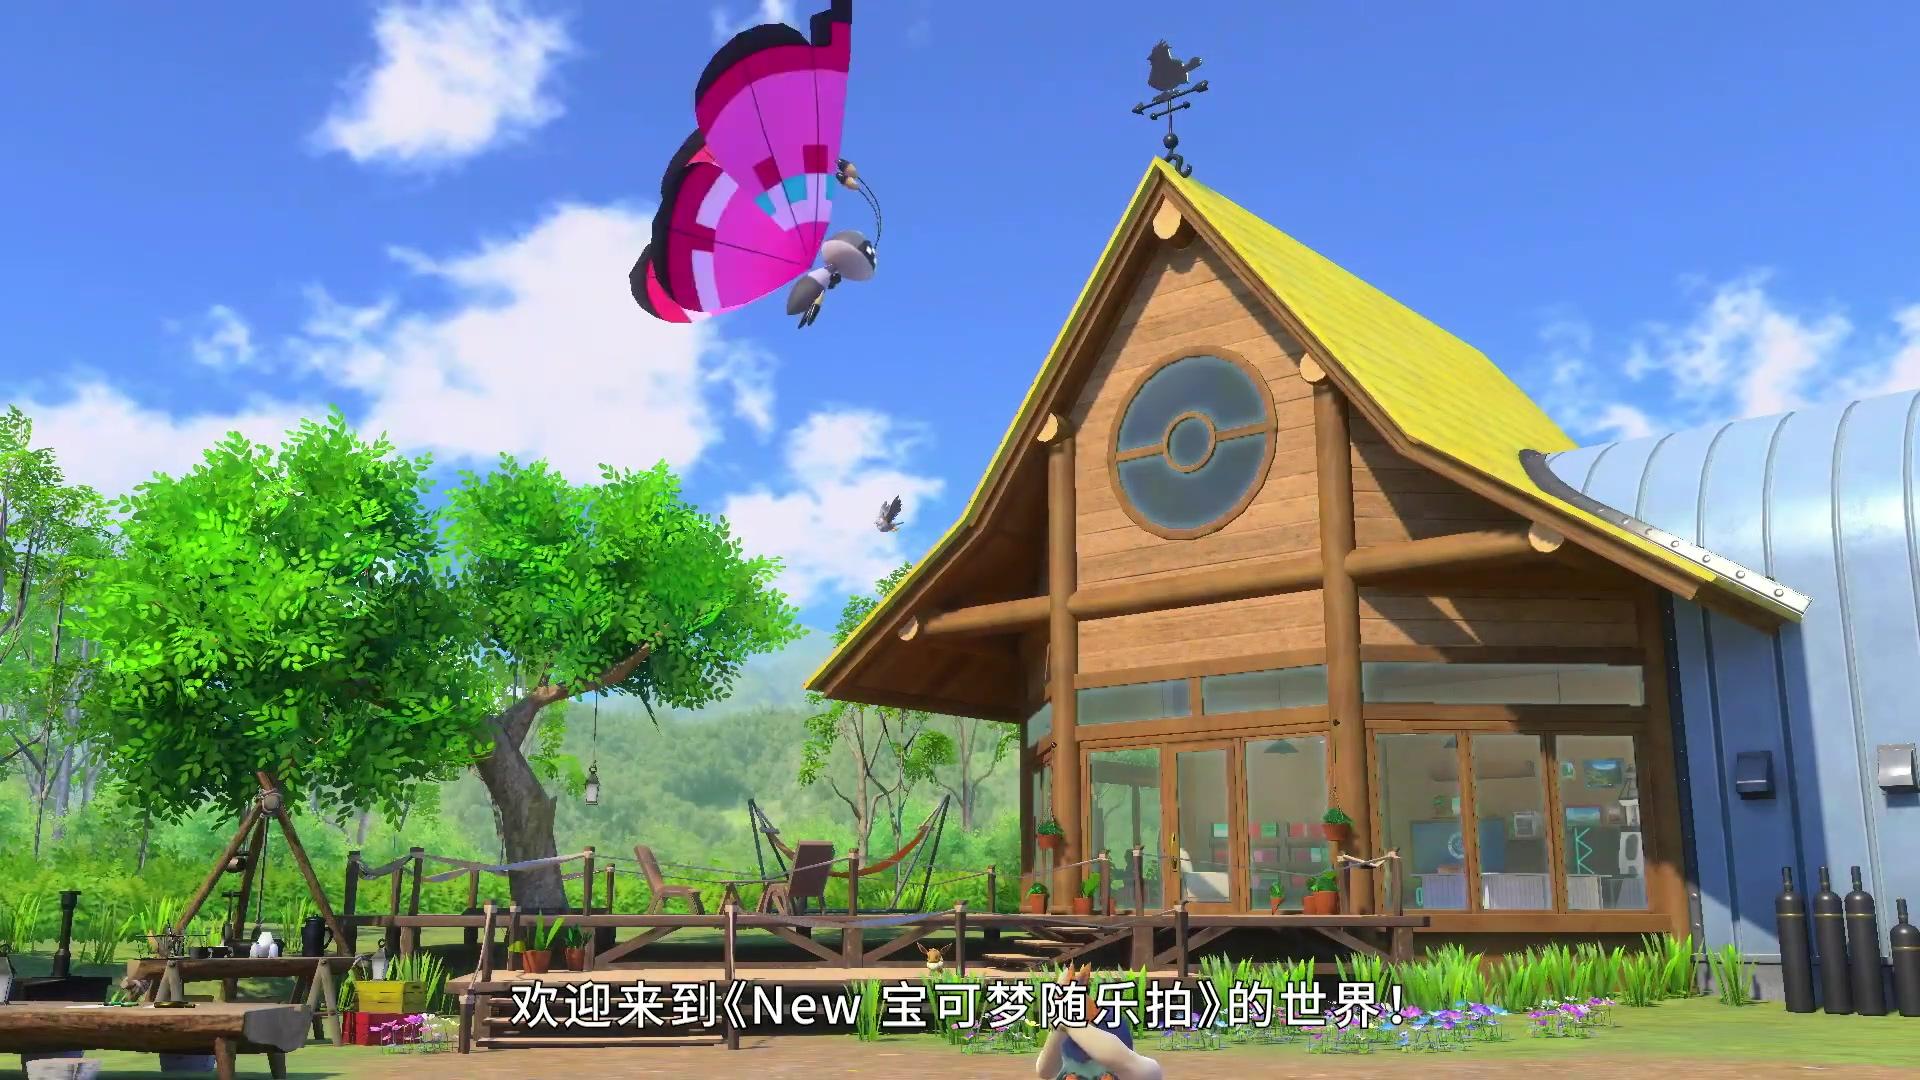 《【煜星娱乐注册】宝可梦新作对标《荒野之息》?直面会上这些信息太劲爆》